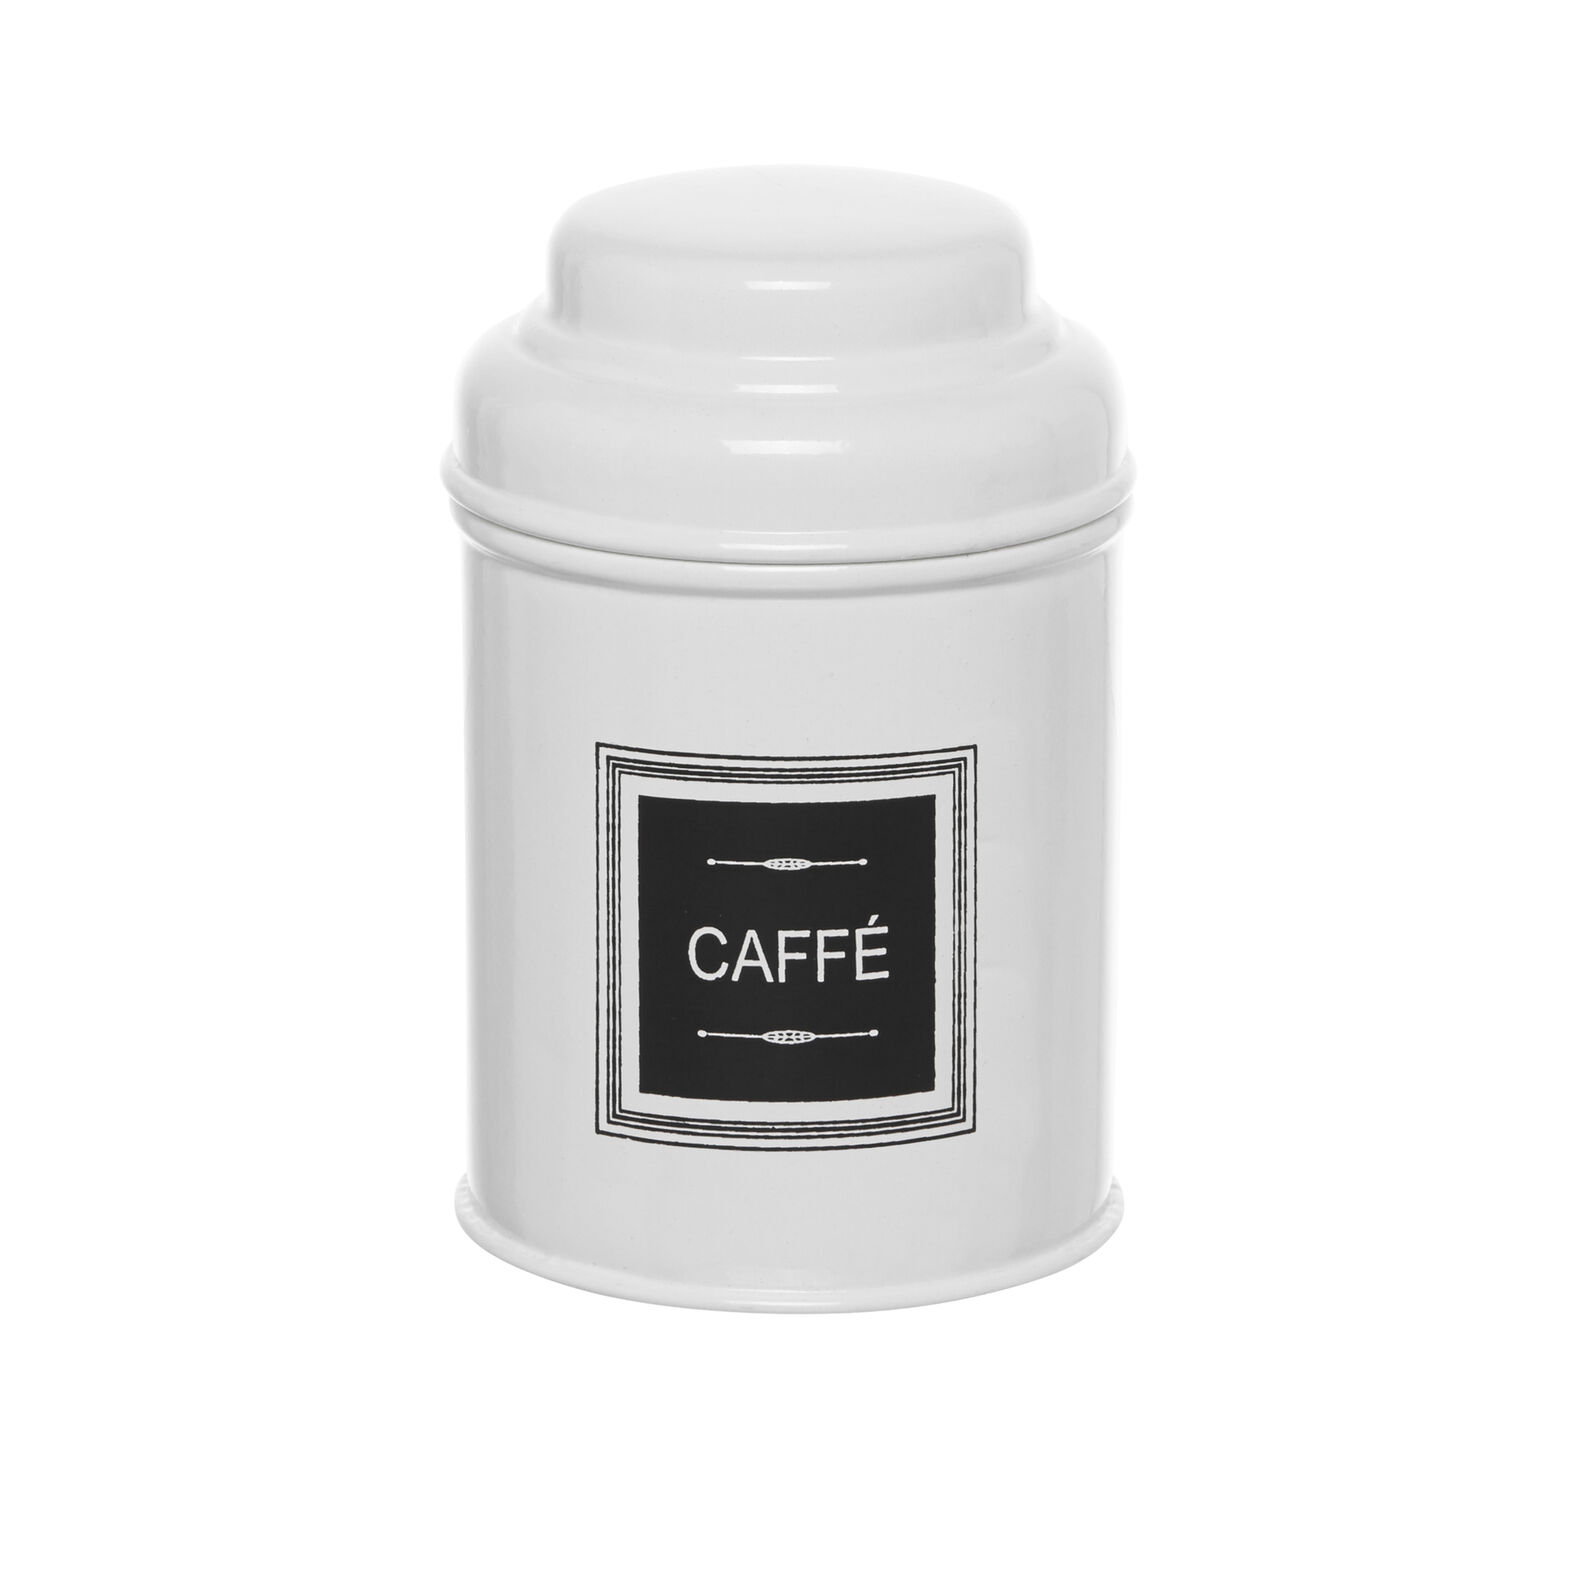 Barattolo CAFFÈ in metallo smaltato con coperchio